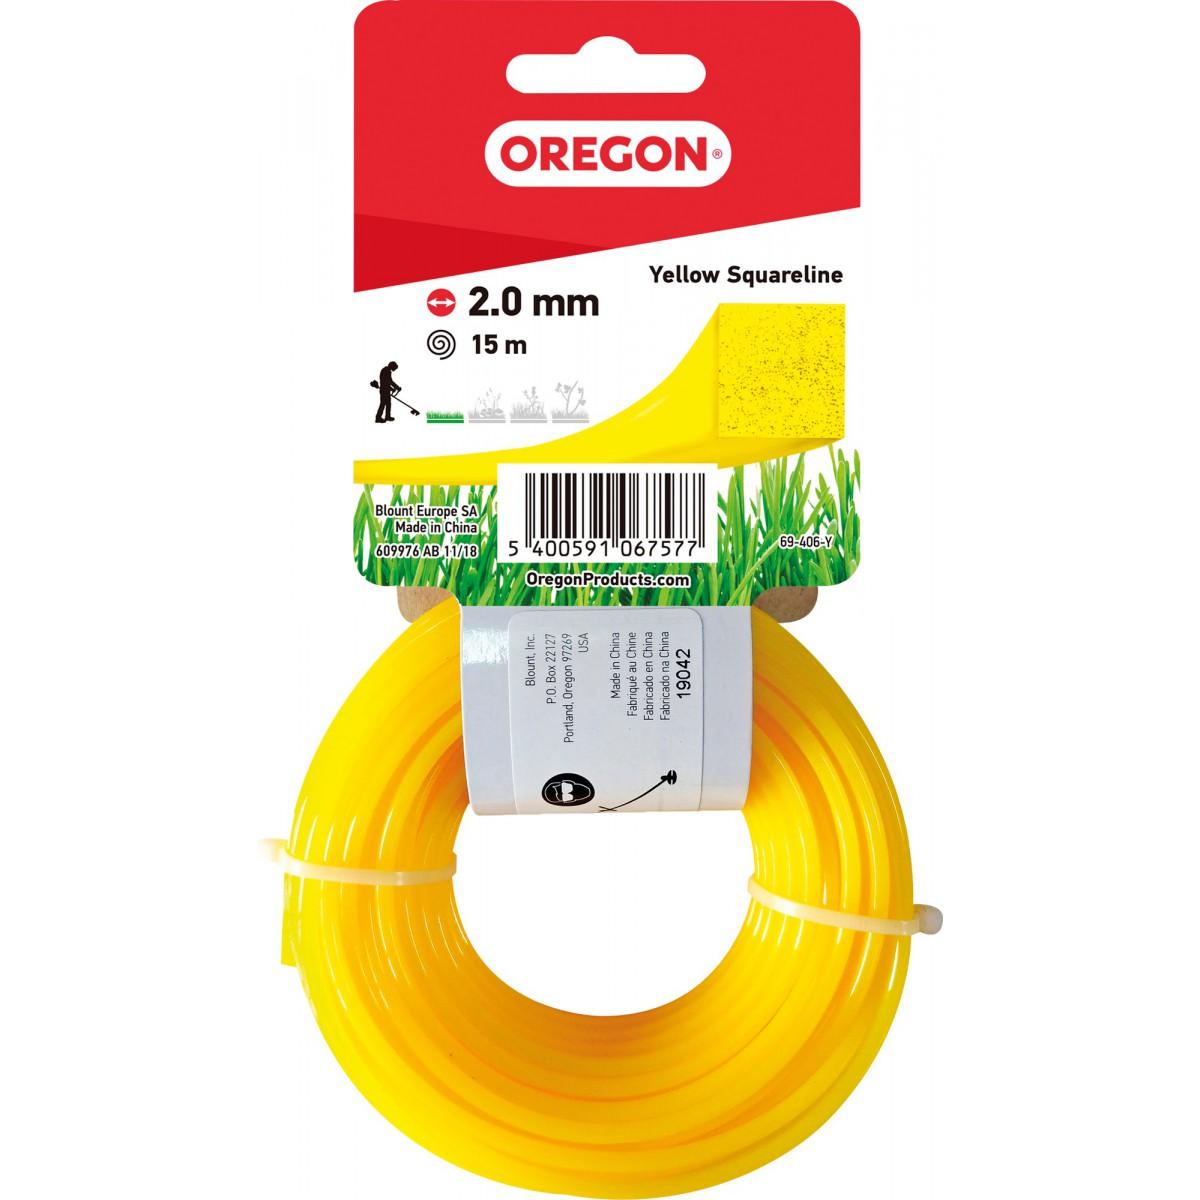 Fil carré pour débroussaillage nylon Oregon - Longueur 15 m - Diamètre 2 mm